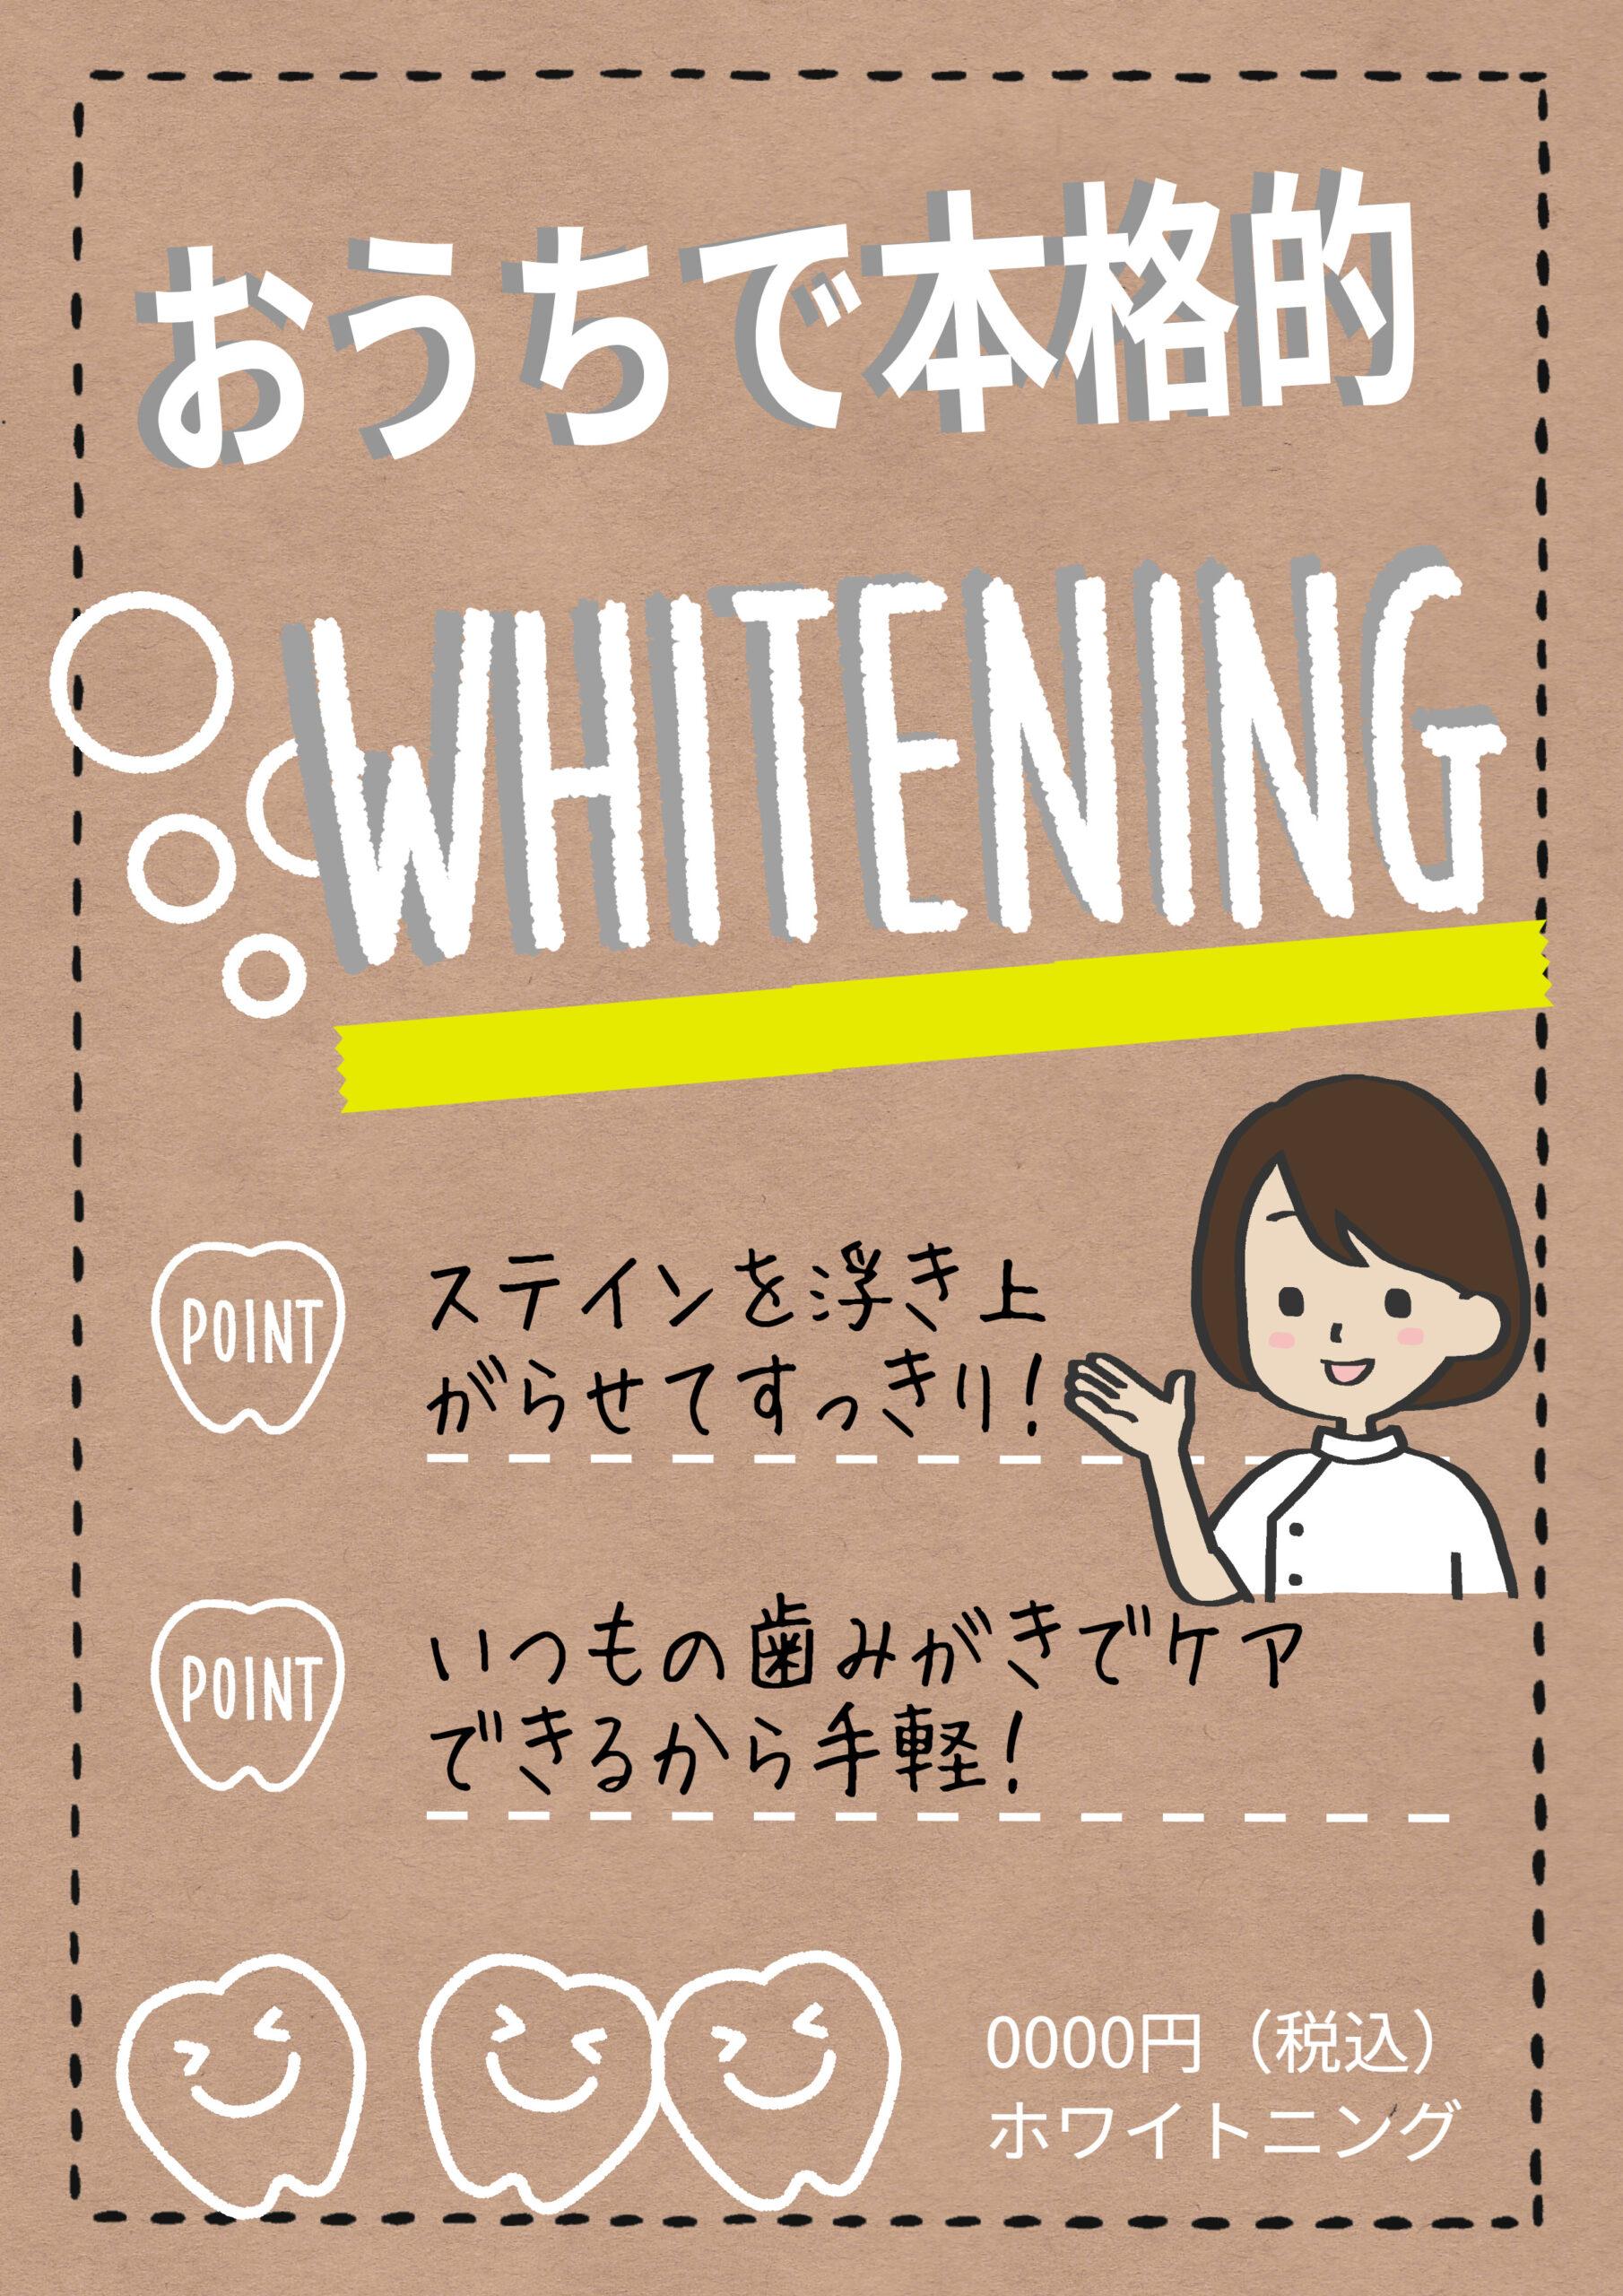 ホワイトニング、歯医者さんポップ